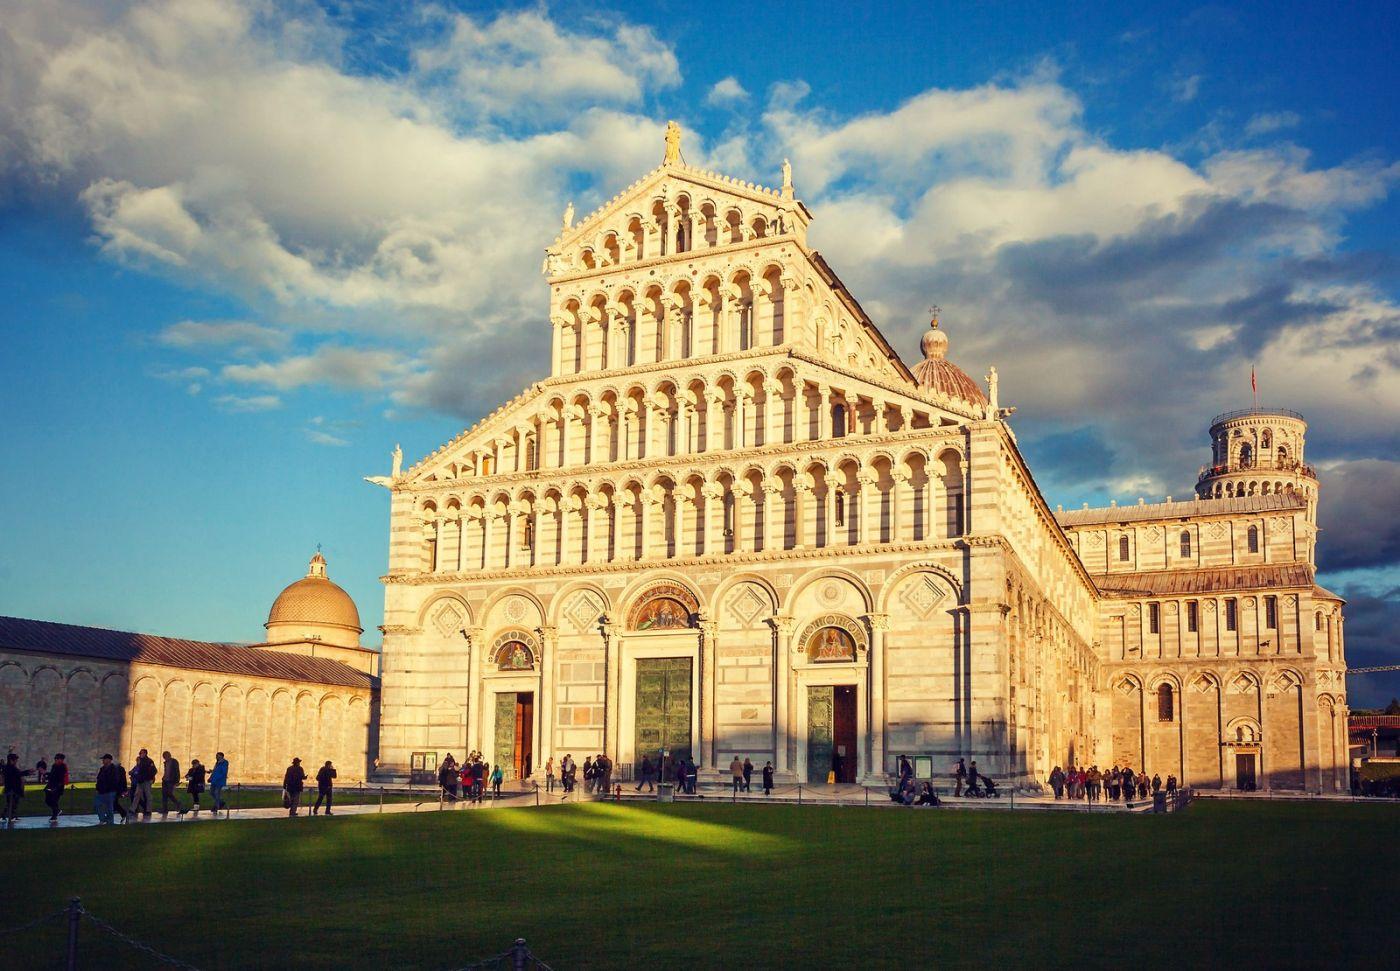 意大利比萨斜塔,塔旁的建筑群_图1-17